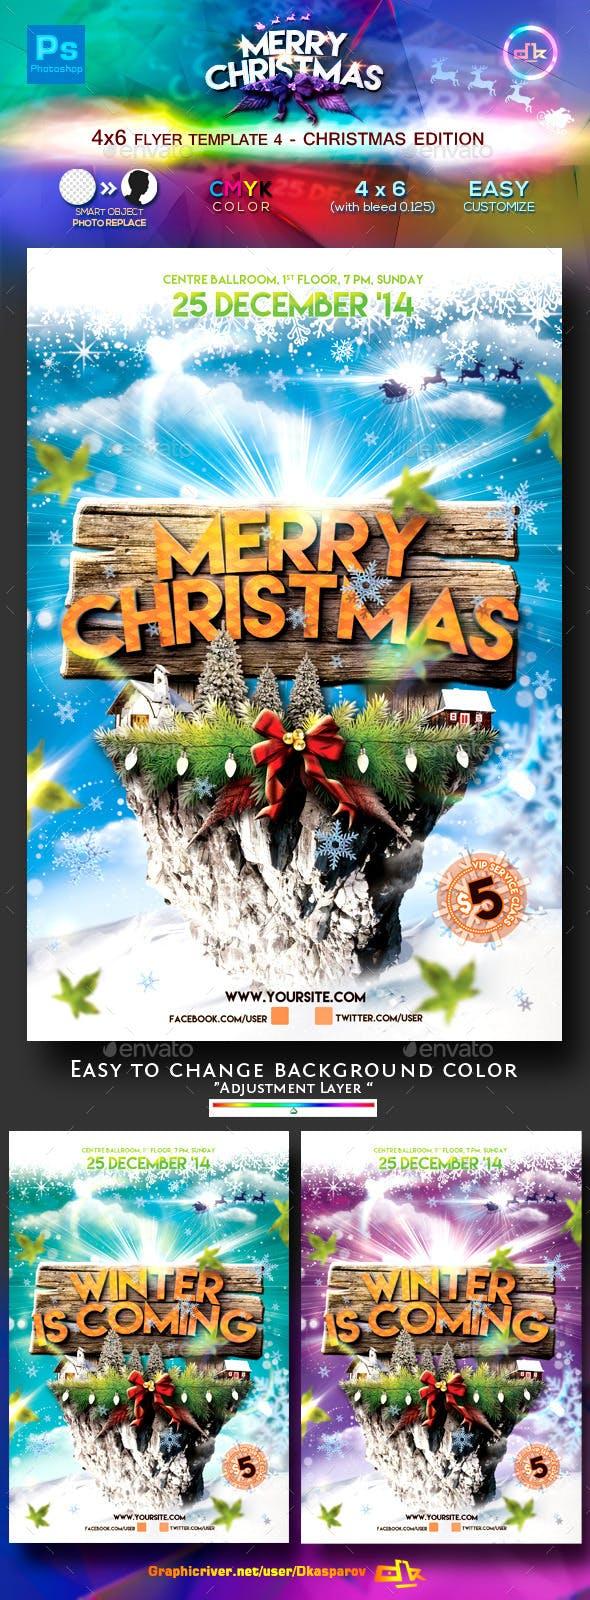 christmas flyer template 5 4x6 by dkasparov graphicriver